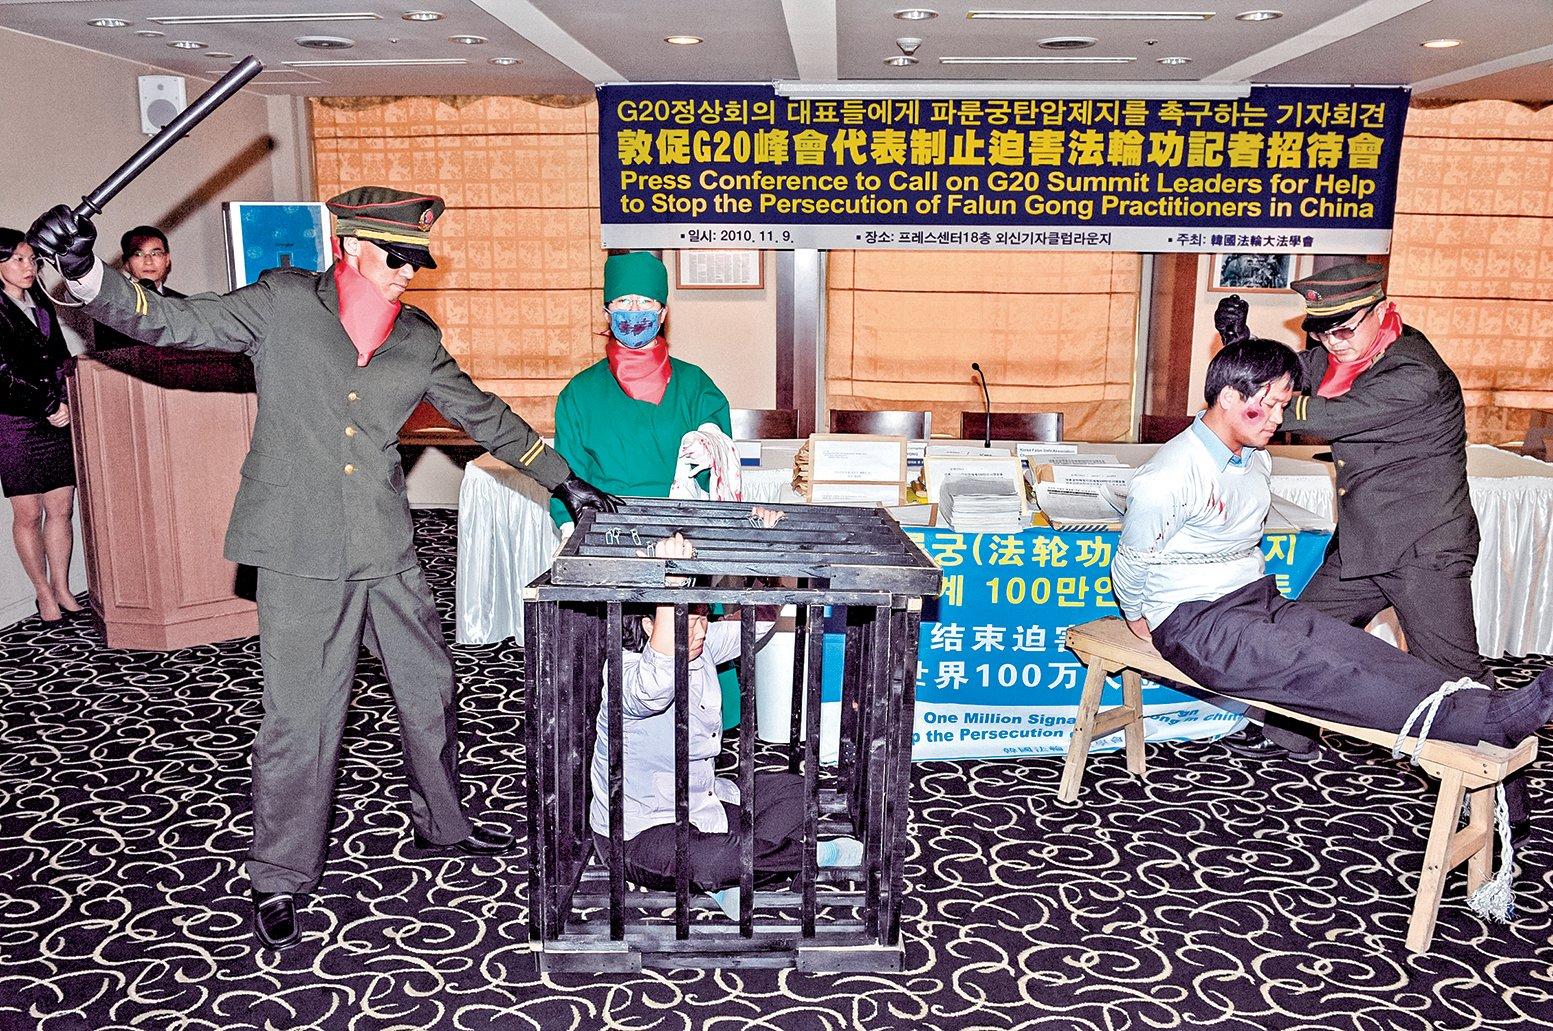 美國國會委員會報告顯示,目前中共仍然在繼續迫害法輪功。圖為韓國法輪功學員在漢城舉行的一個新聞發佈會上,向民眾演示中國警察如何對法輪功學員施以酷刑。(Getty Images)